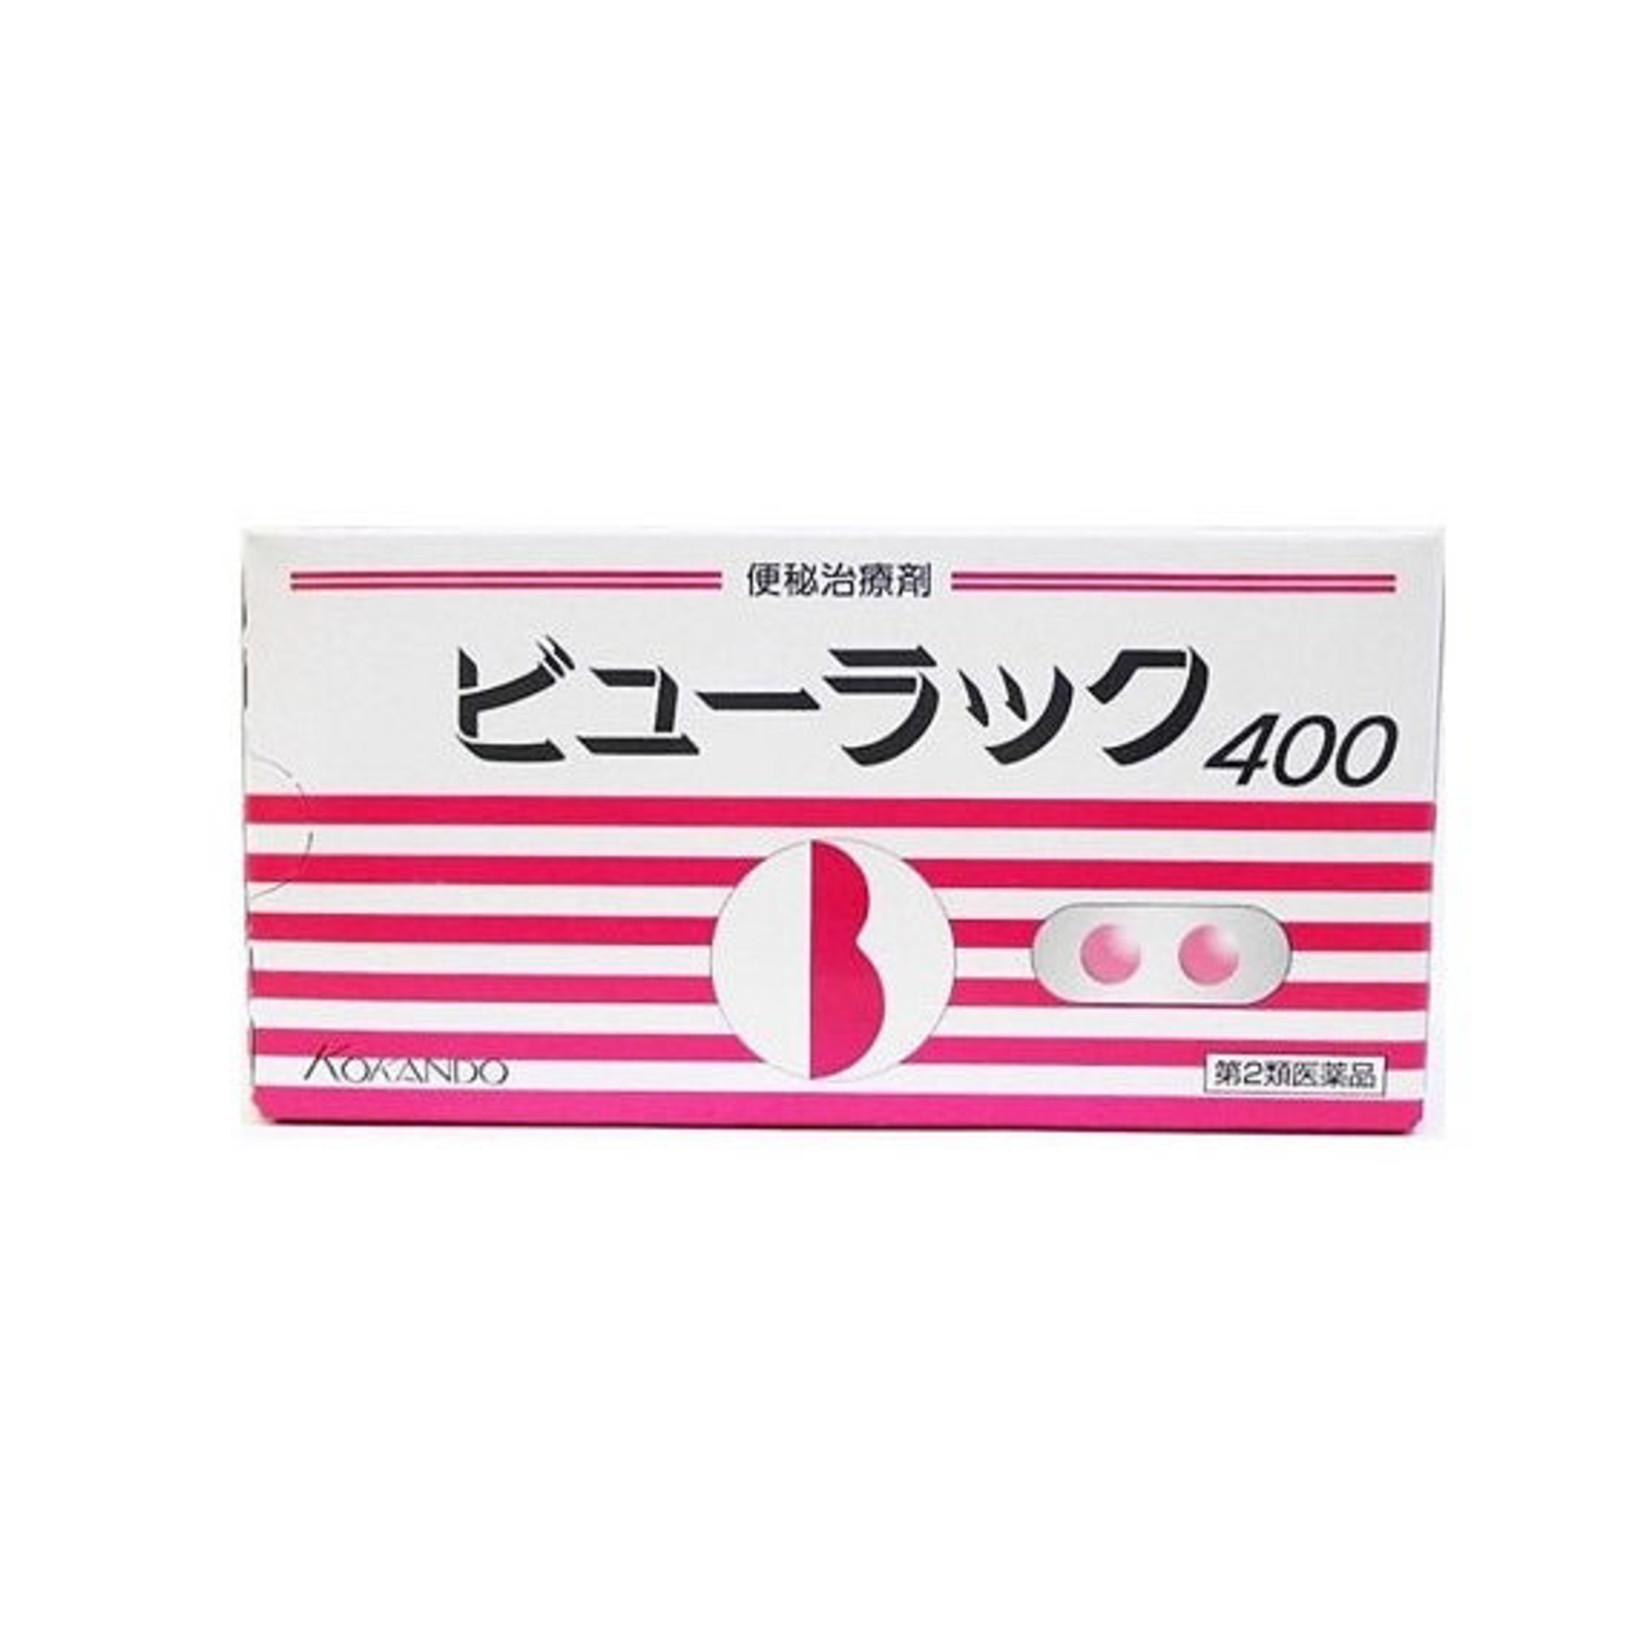 Kokando Slimming Product (400 Tablets)